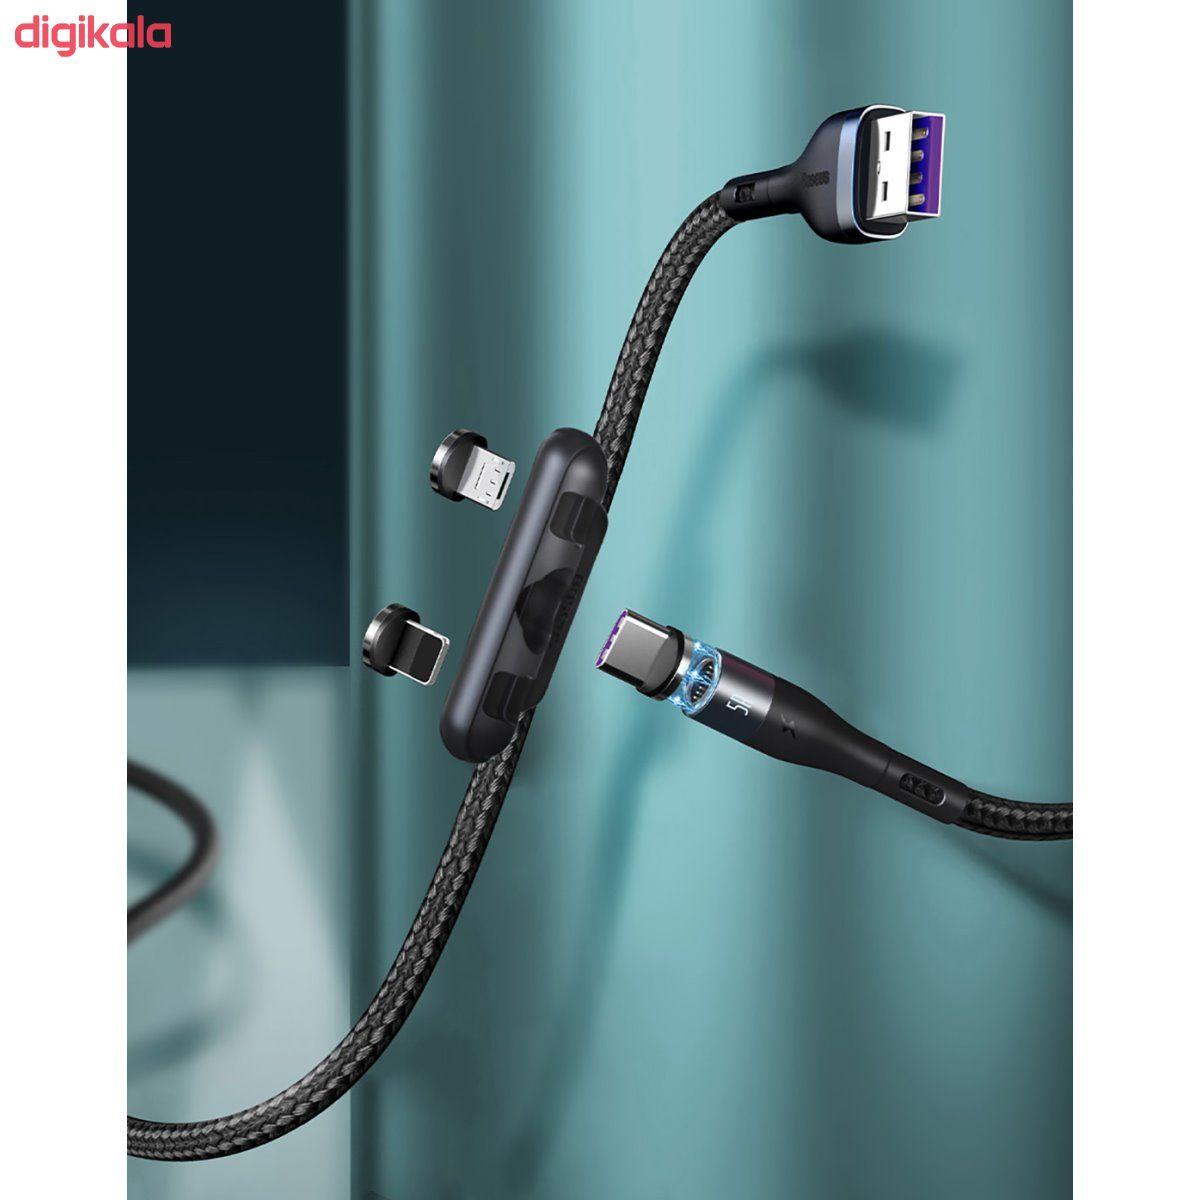 کابل تبدیل USB به USB-C/microUSB-لایتنینگ باسئوس مدل CA1T3-AG1 طول 1 متر main 1 1